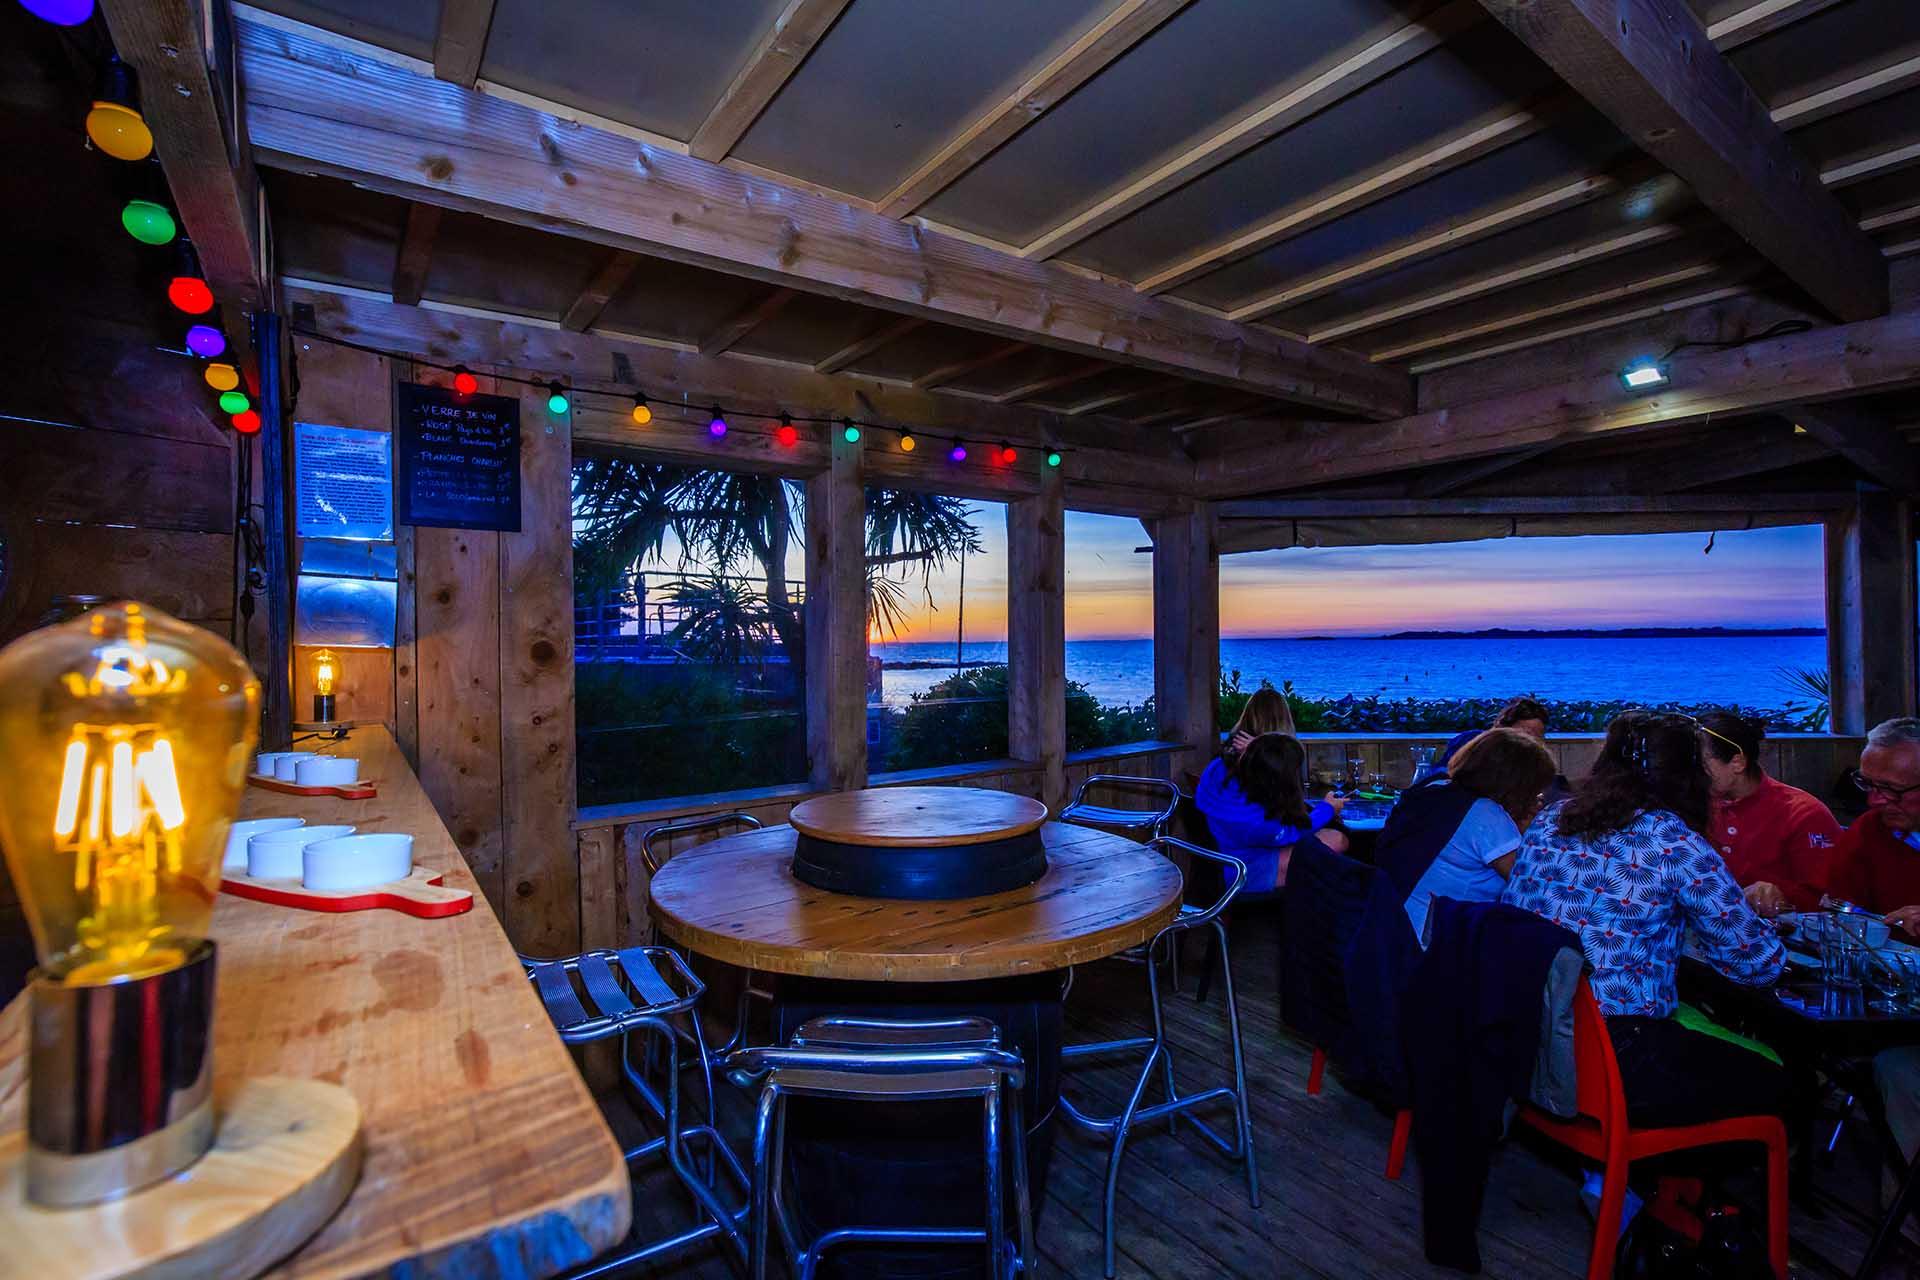 Restaurant Brasserie Le P'tit Caboulot